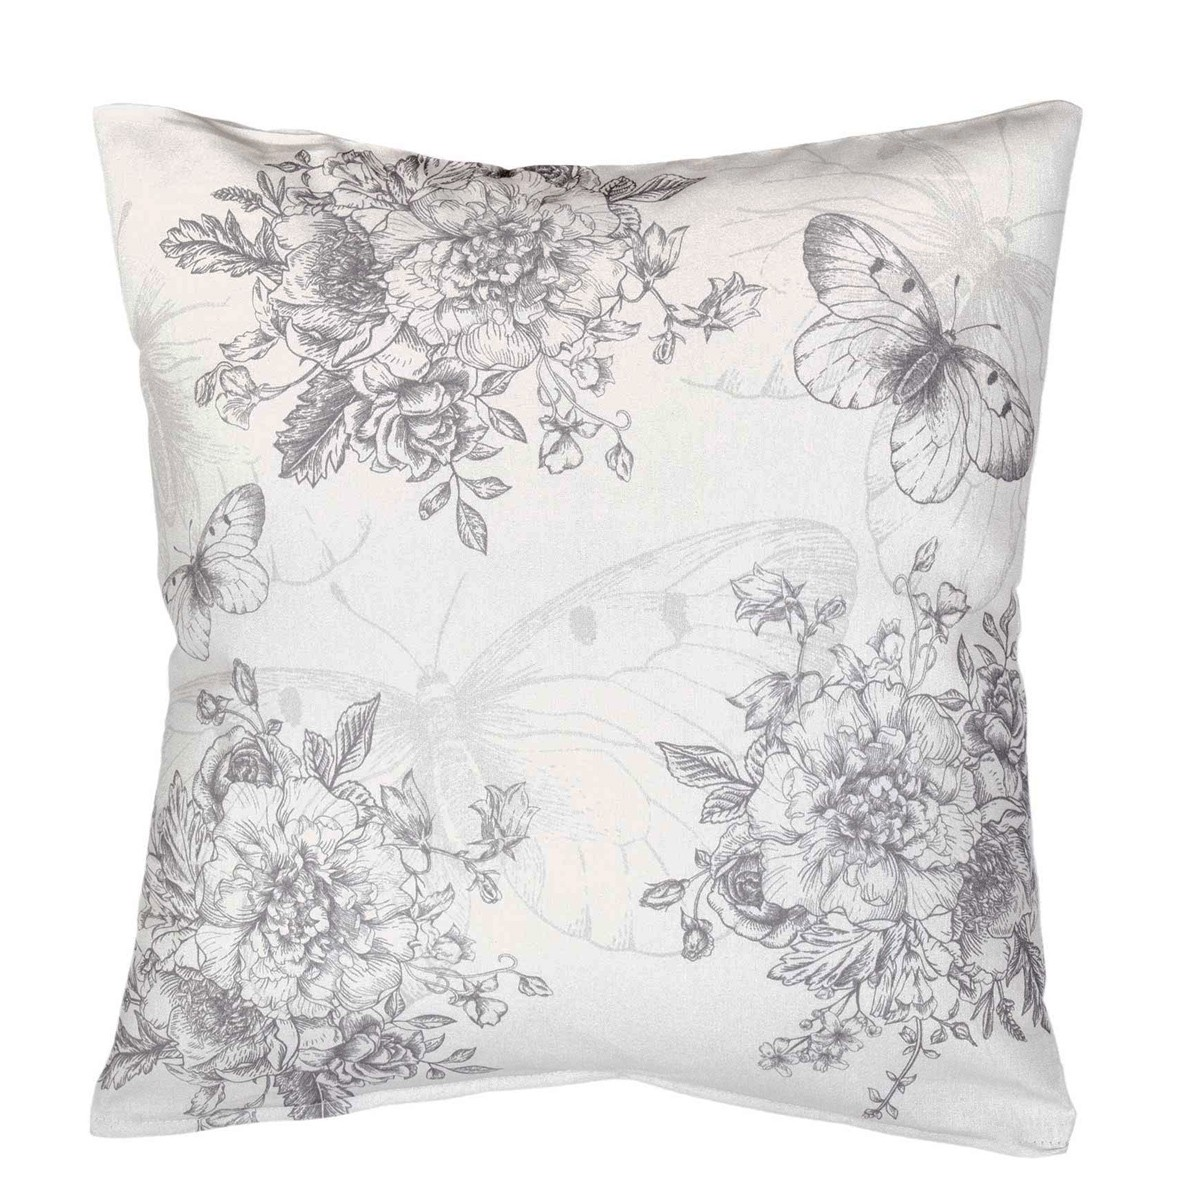 Διακοσμητική Μαξιλαροθήκη Nima Cushions Whitehall Moca